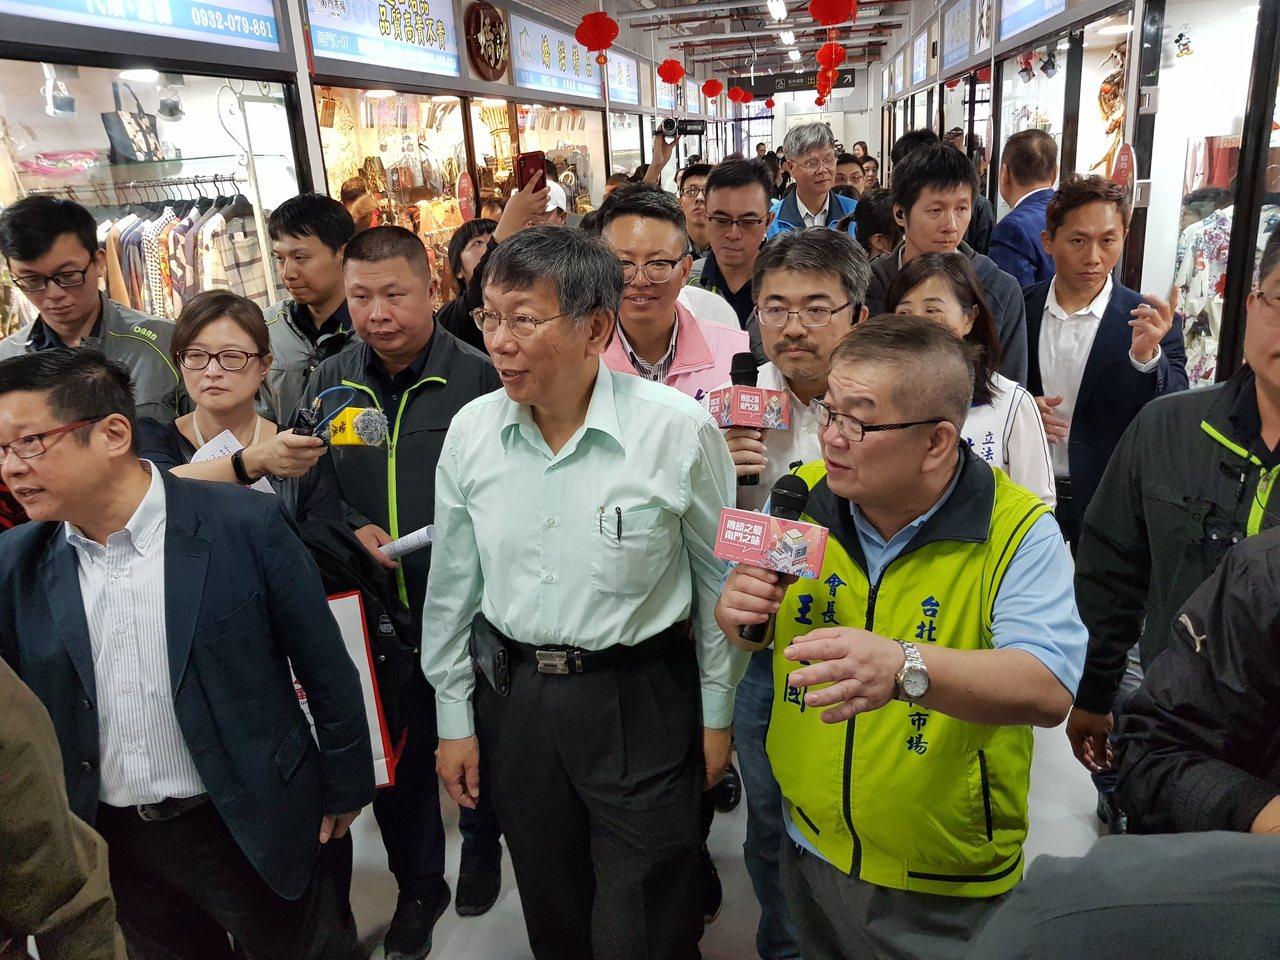 台北市南門中繼市場今天舉辦開幕儀式,台北市長柯文哲也到場祝福市場生意興隆,並在南...